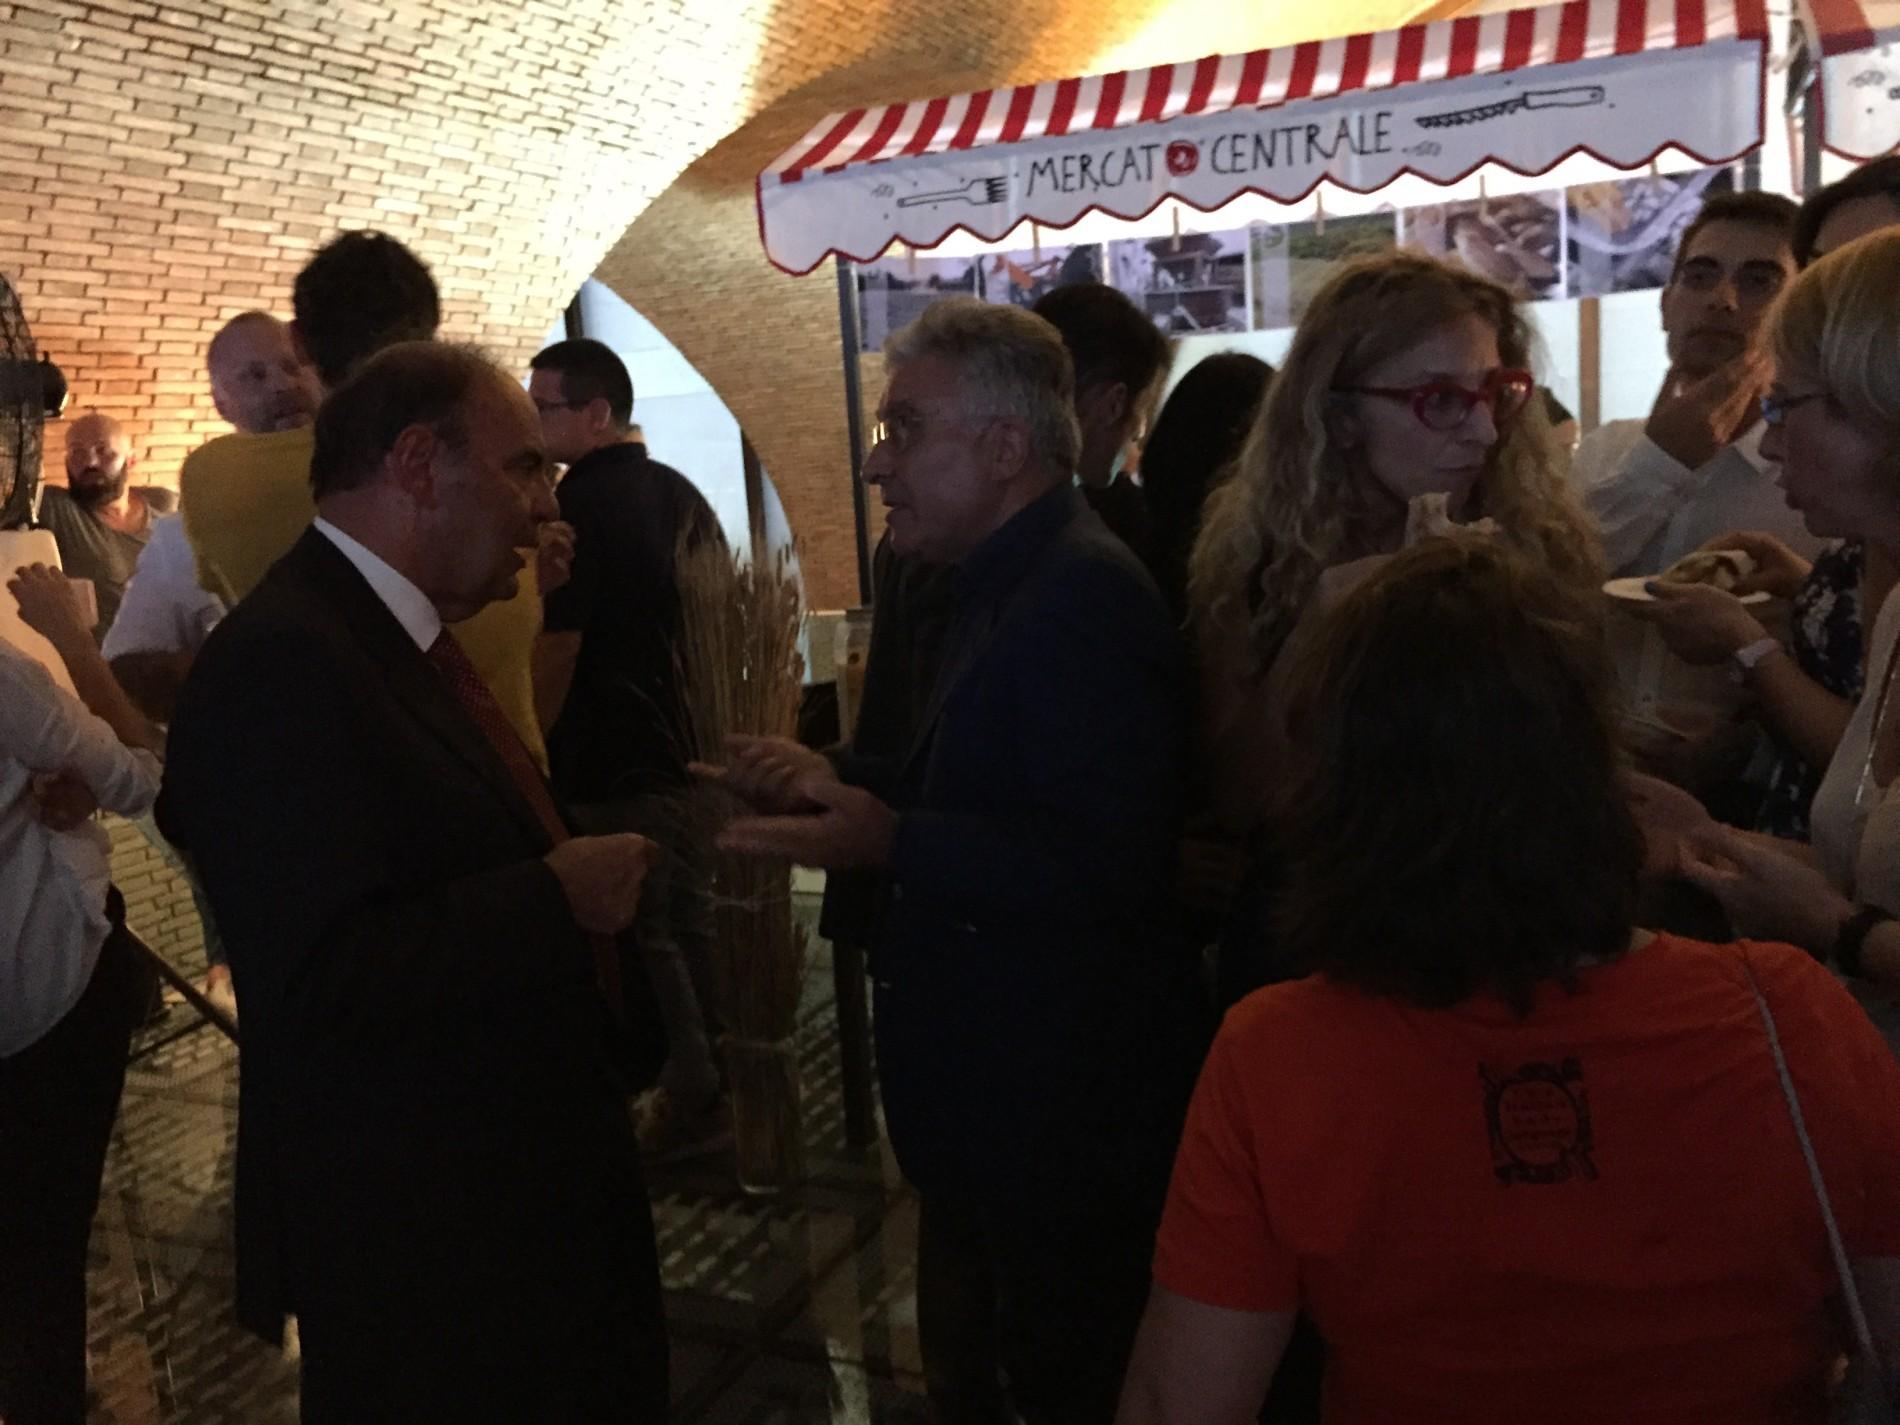 Mercato centrale Roma, tutte le foto dell'inaugurazione (con Grillo e Vespa)